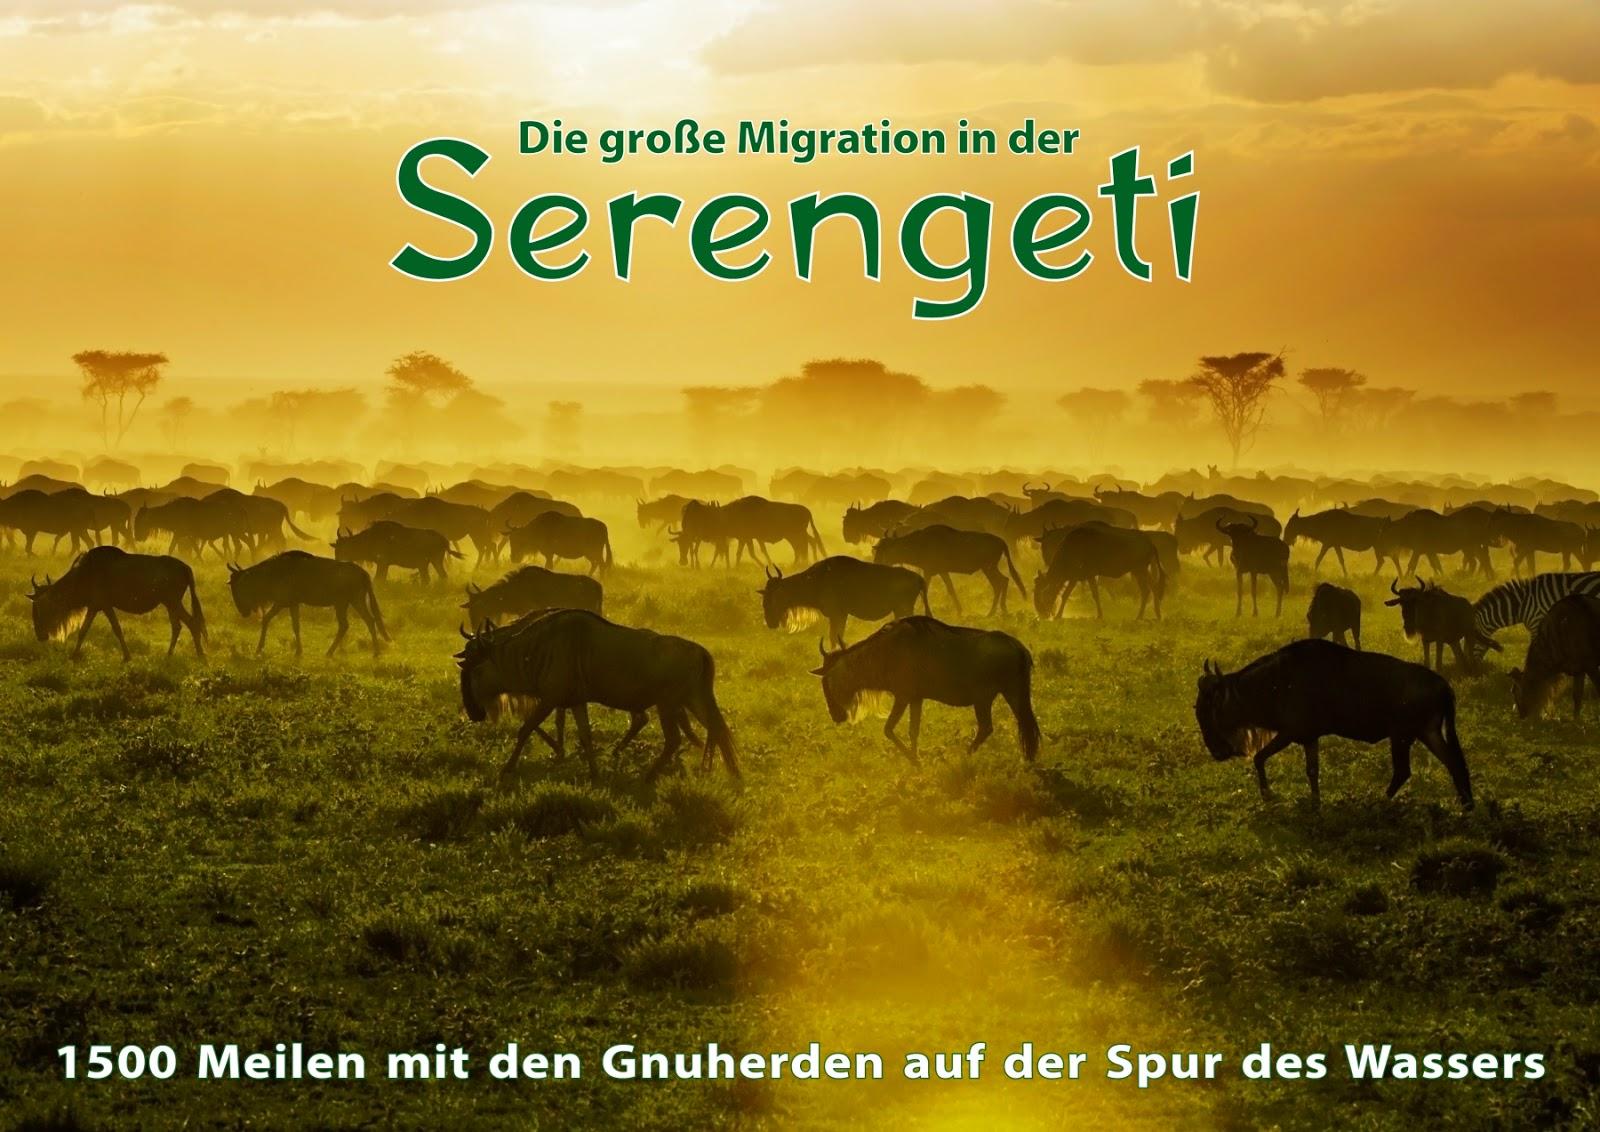 DIE GROSSE MIGRATION DER SERENGETI. Kalender von Uwe Skrzypczak